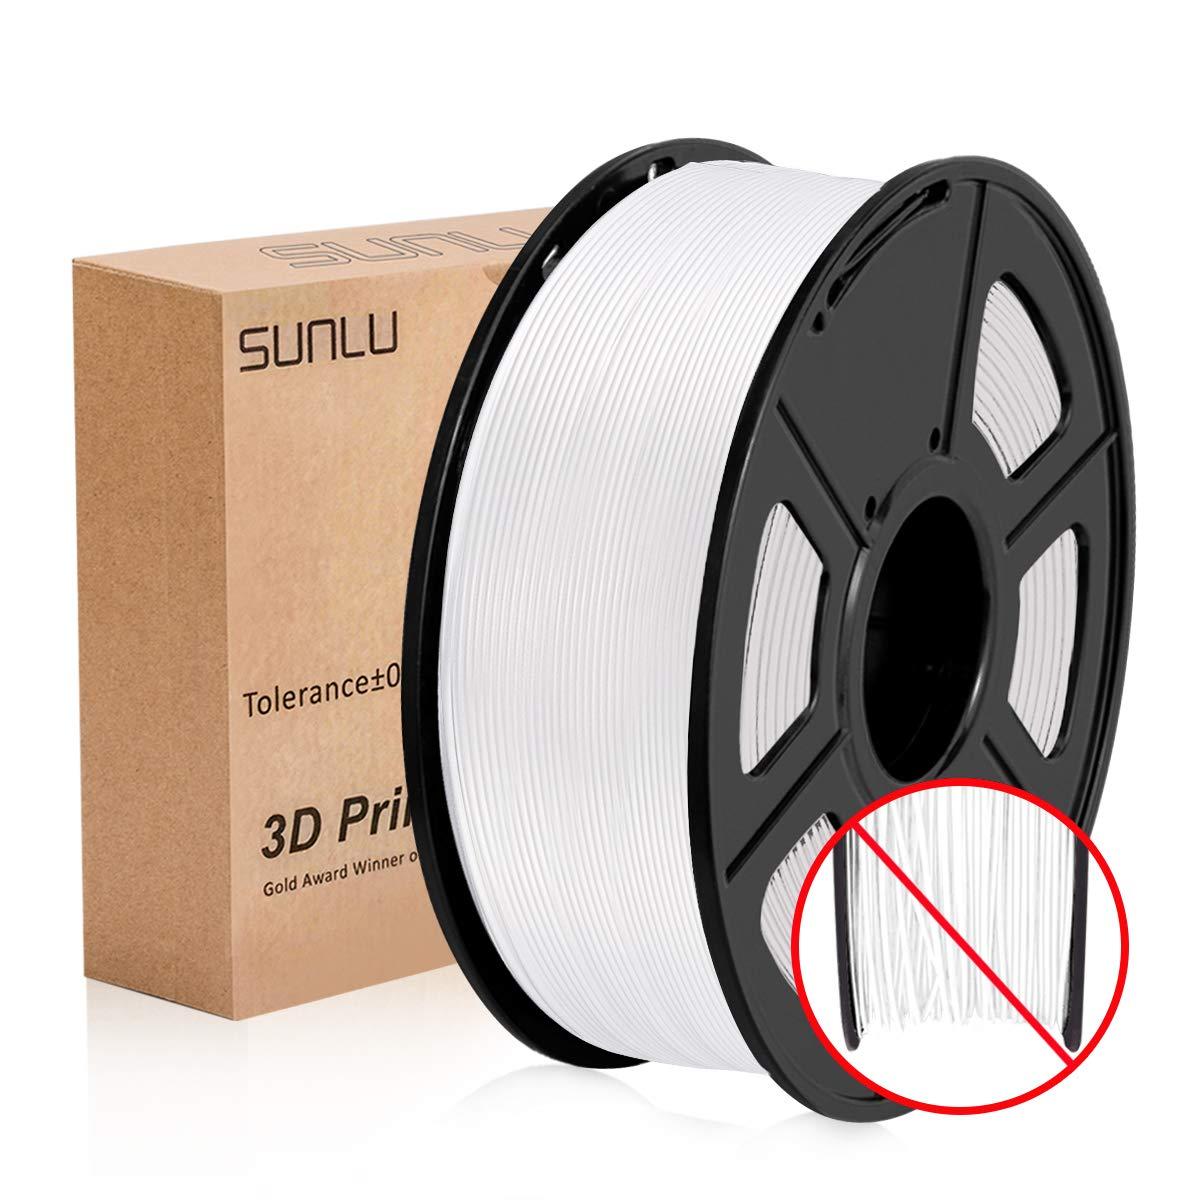 SUNLU Filamento per Stampante 3D, Filamento PLA 1.75, Tangle Free Filamento PLA+, 1KG Puro Bianco